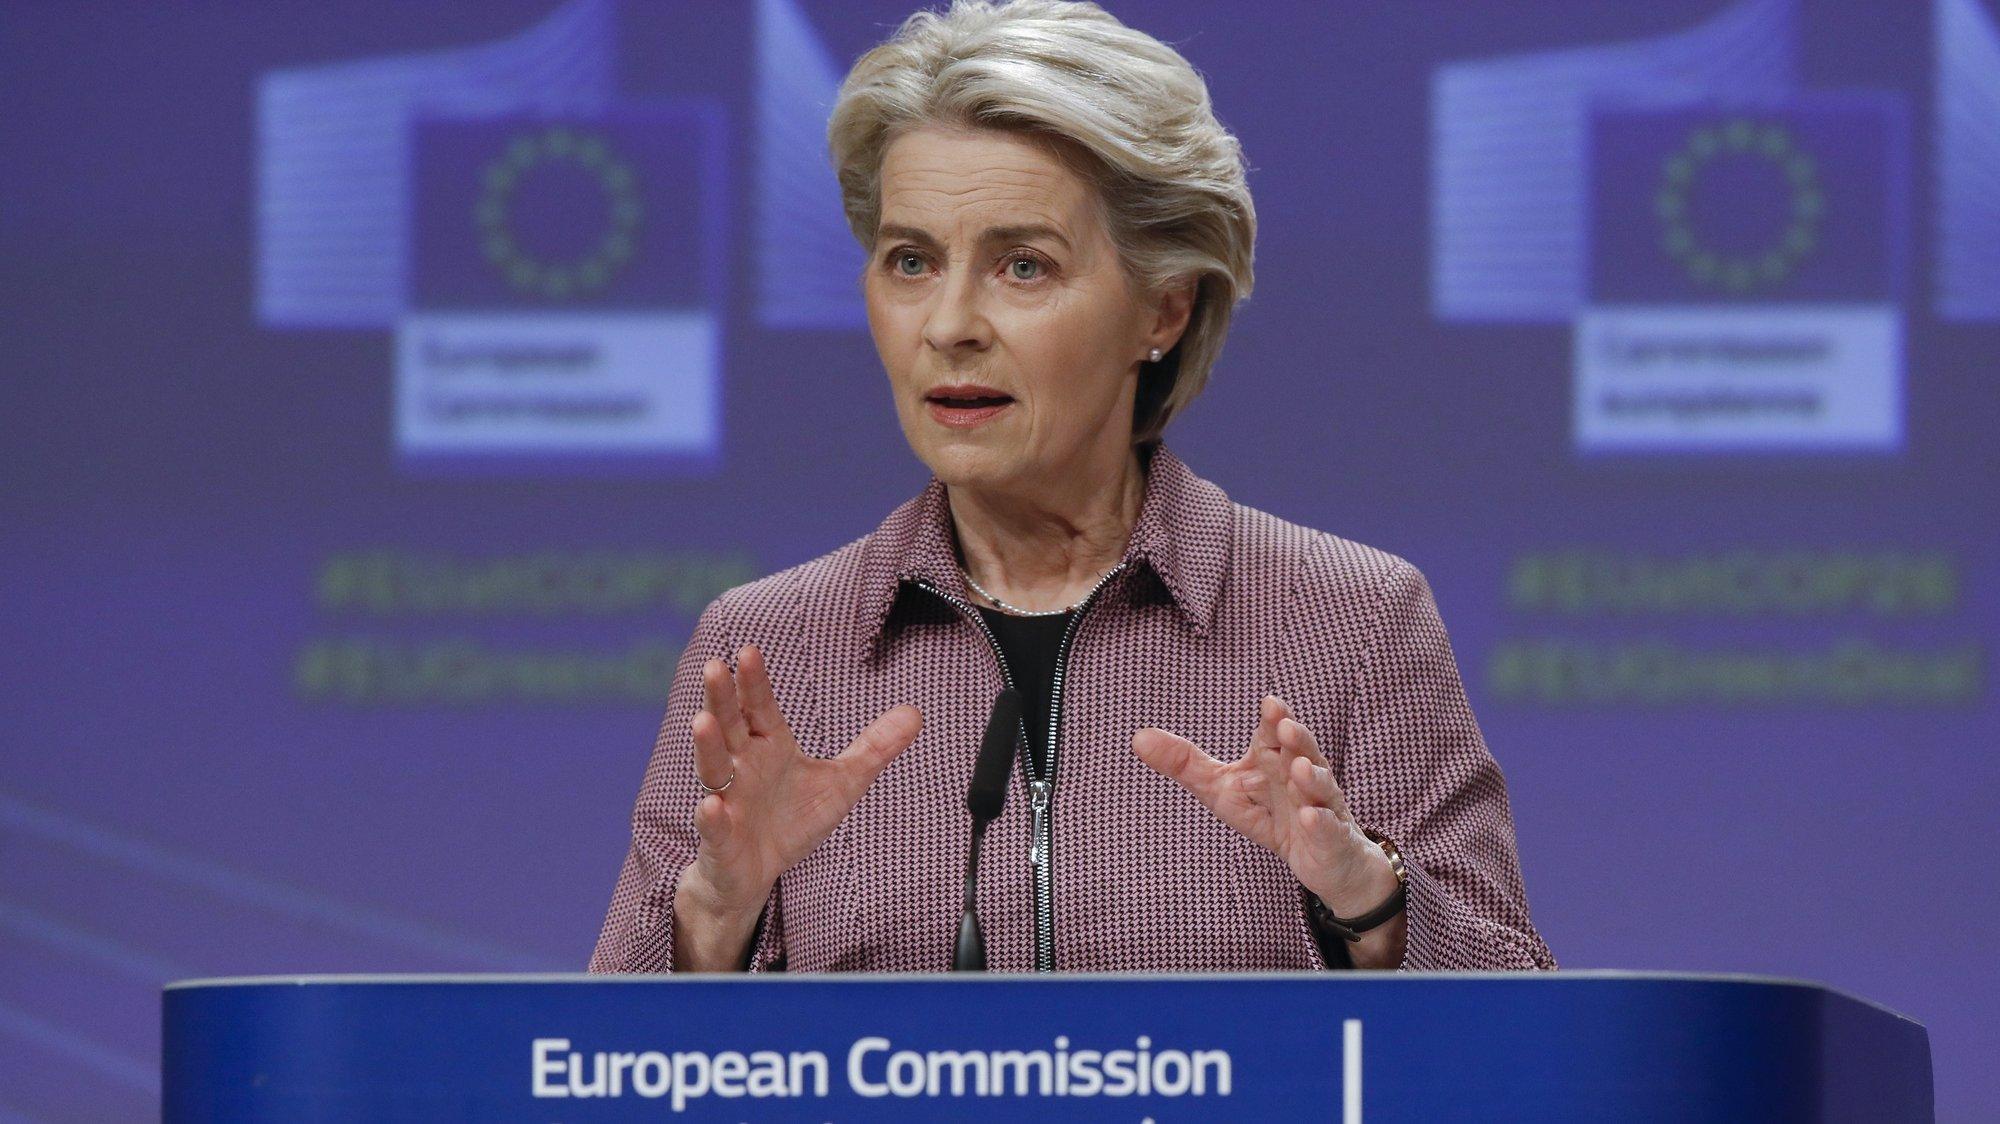 European Commission President von der Leyen